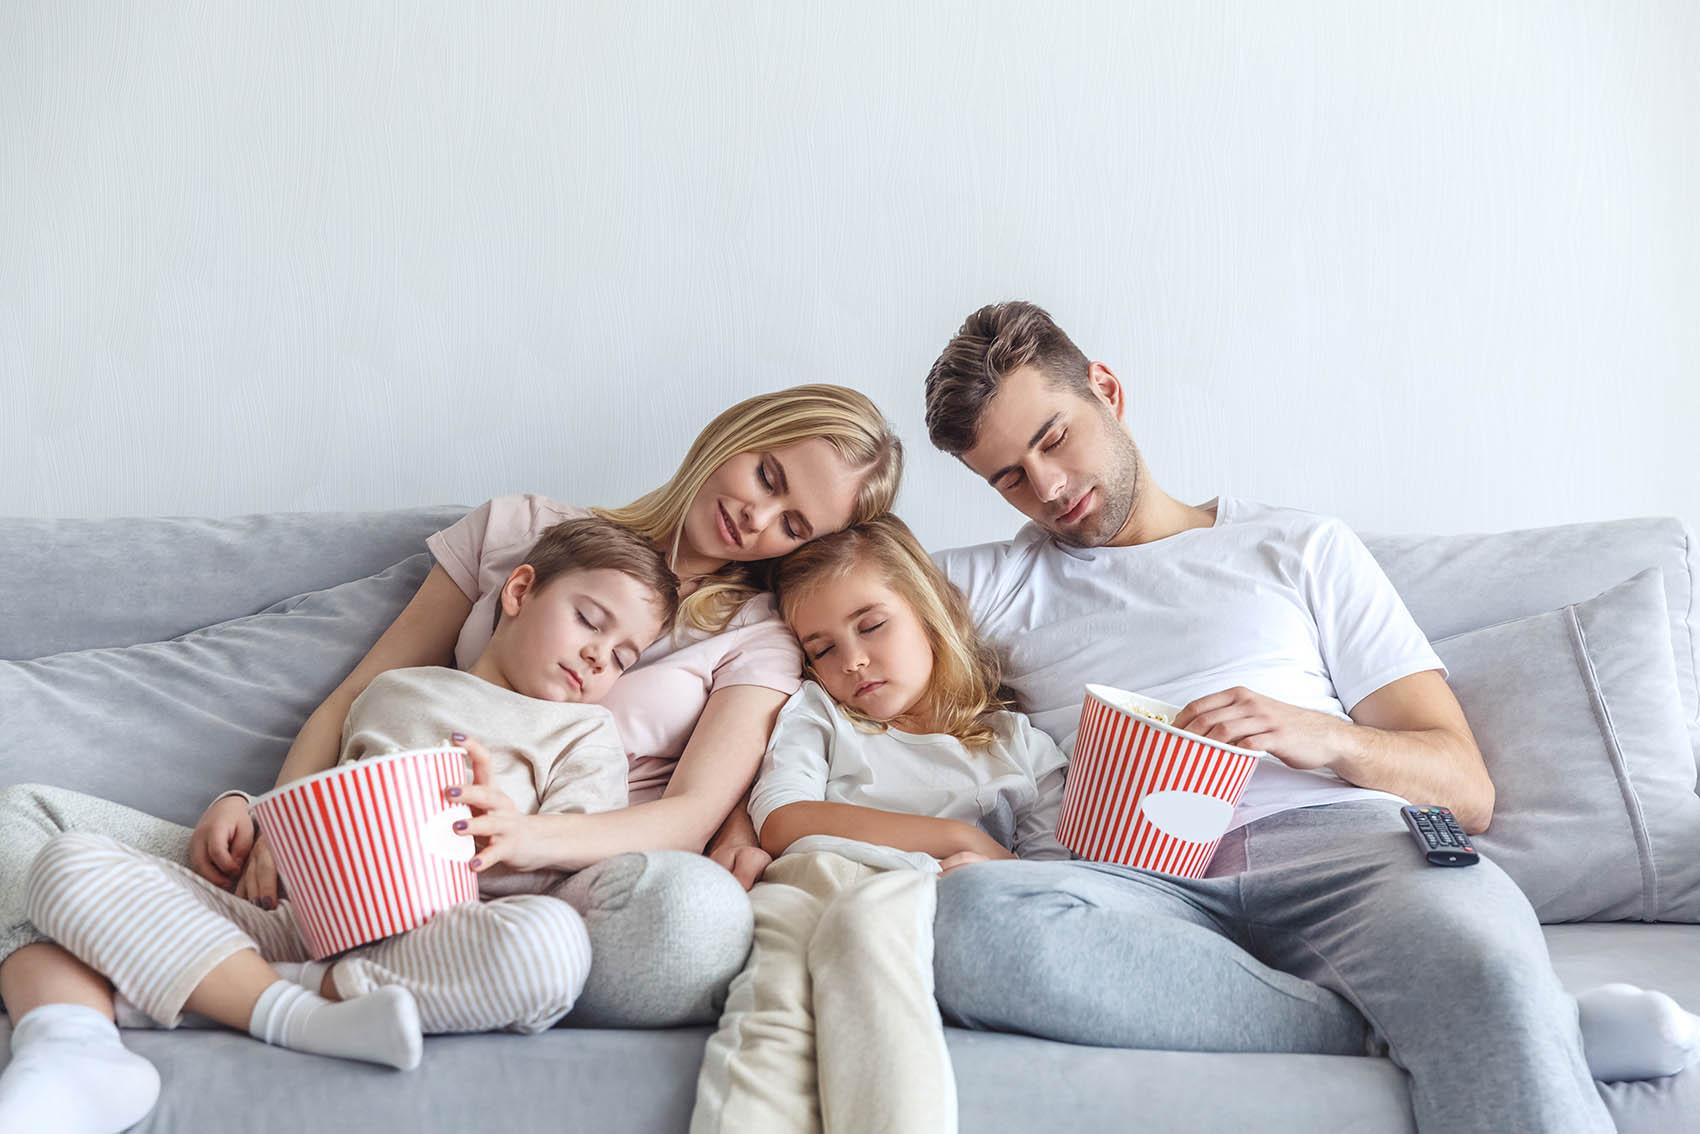 Familienzeit: 10 kostenlose Ideen gegen Langeweile